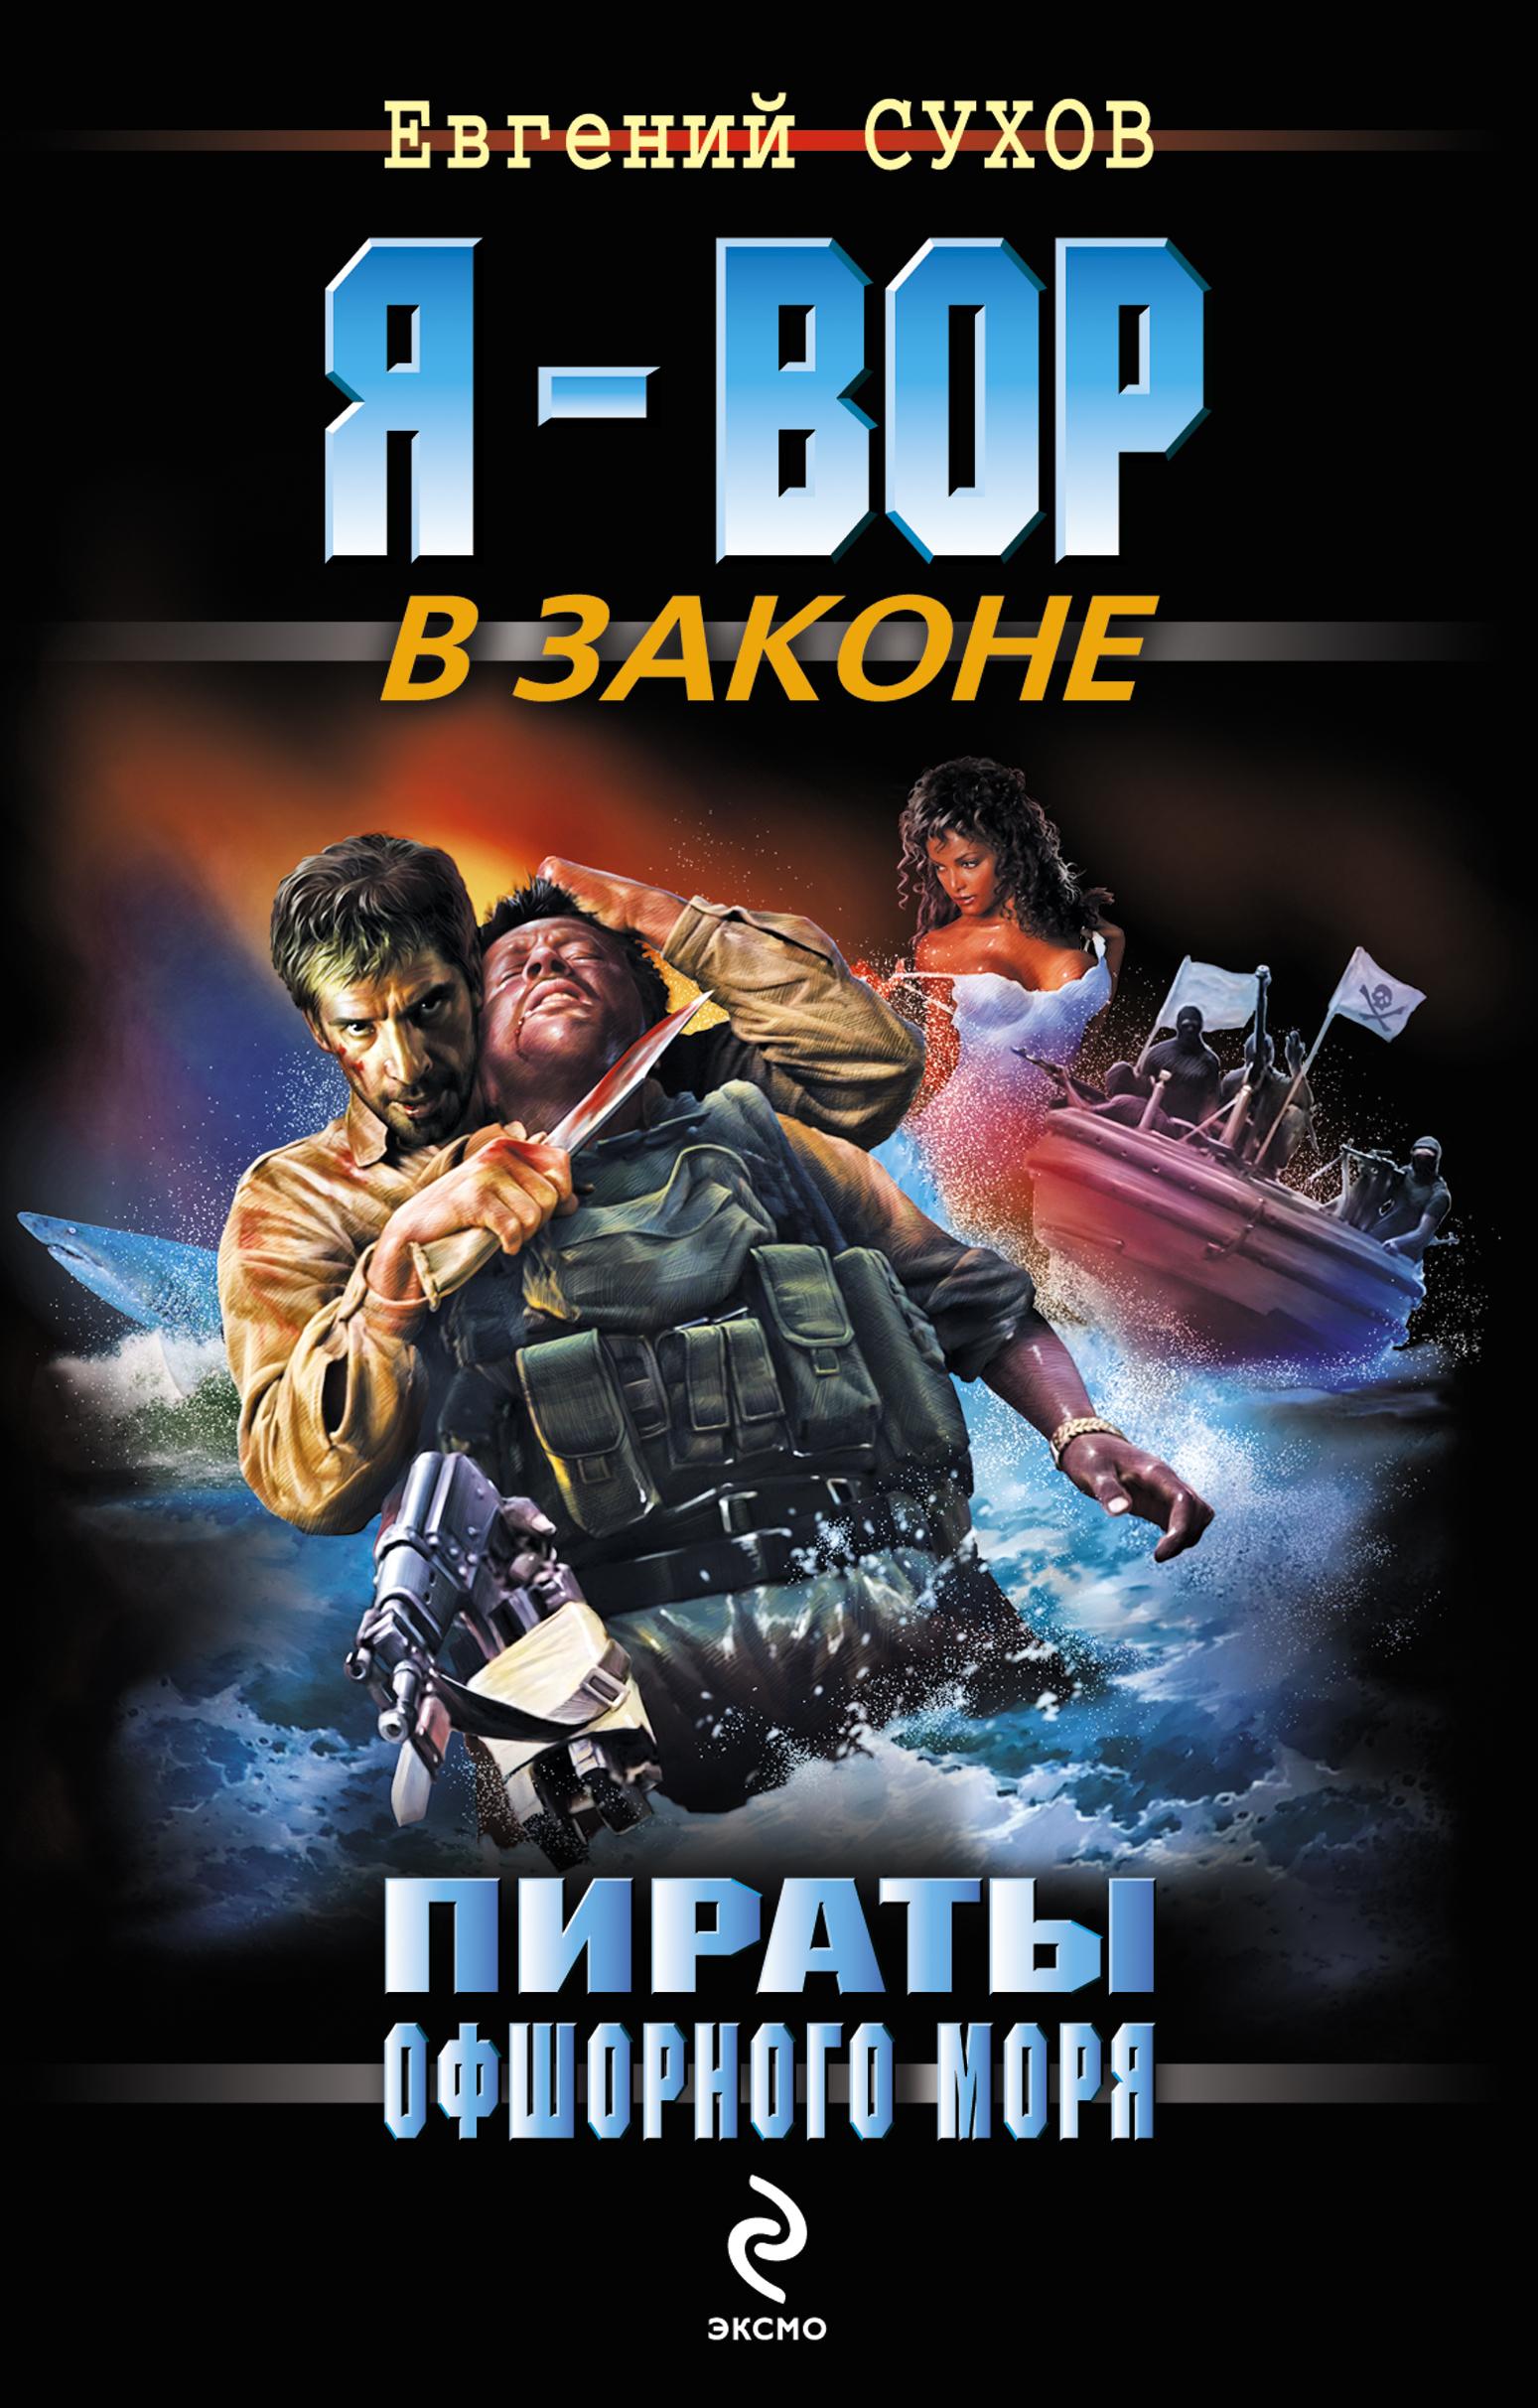 Евгений Сухов Пираты офшорного моря детство лидера